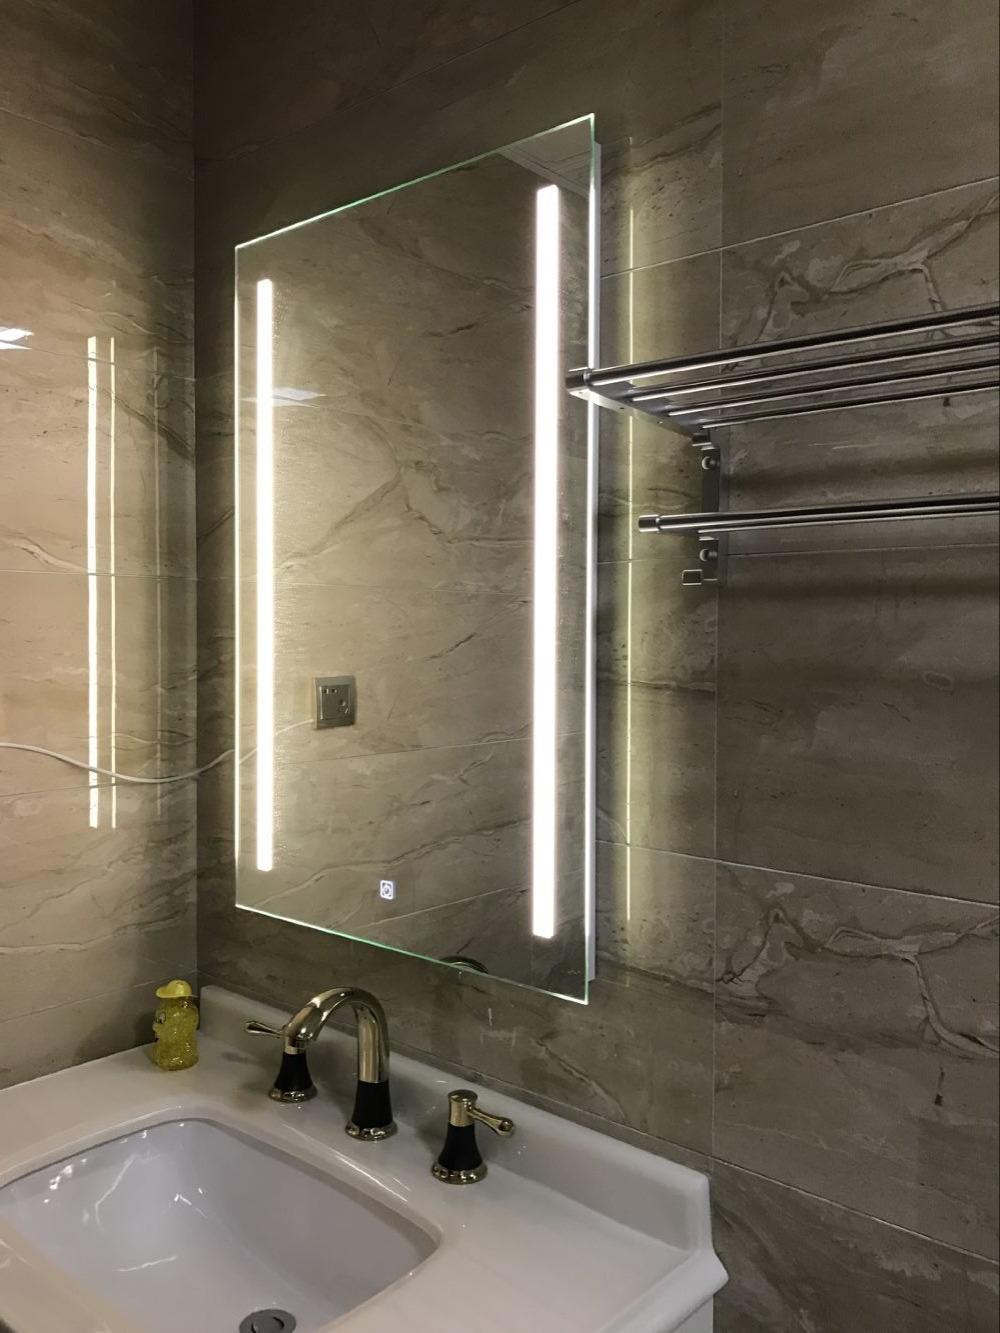 diyhd montaje en pared led con luz espejo de bao rectangular desempaador luces verticales vanidad espejo lige